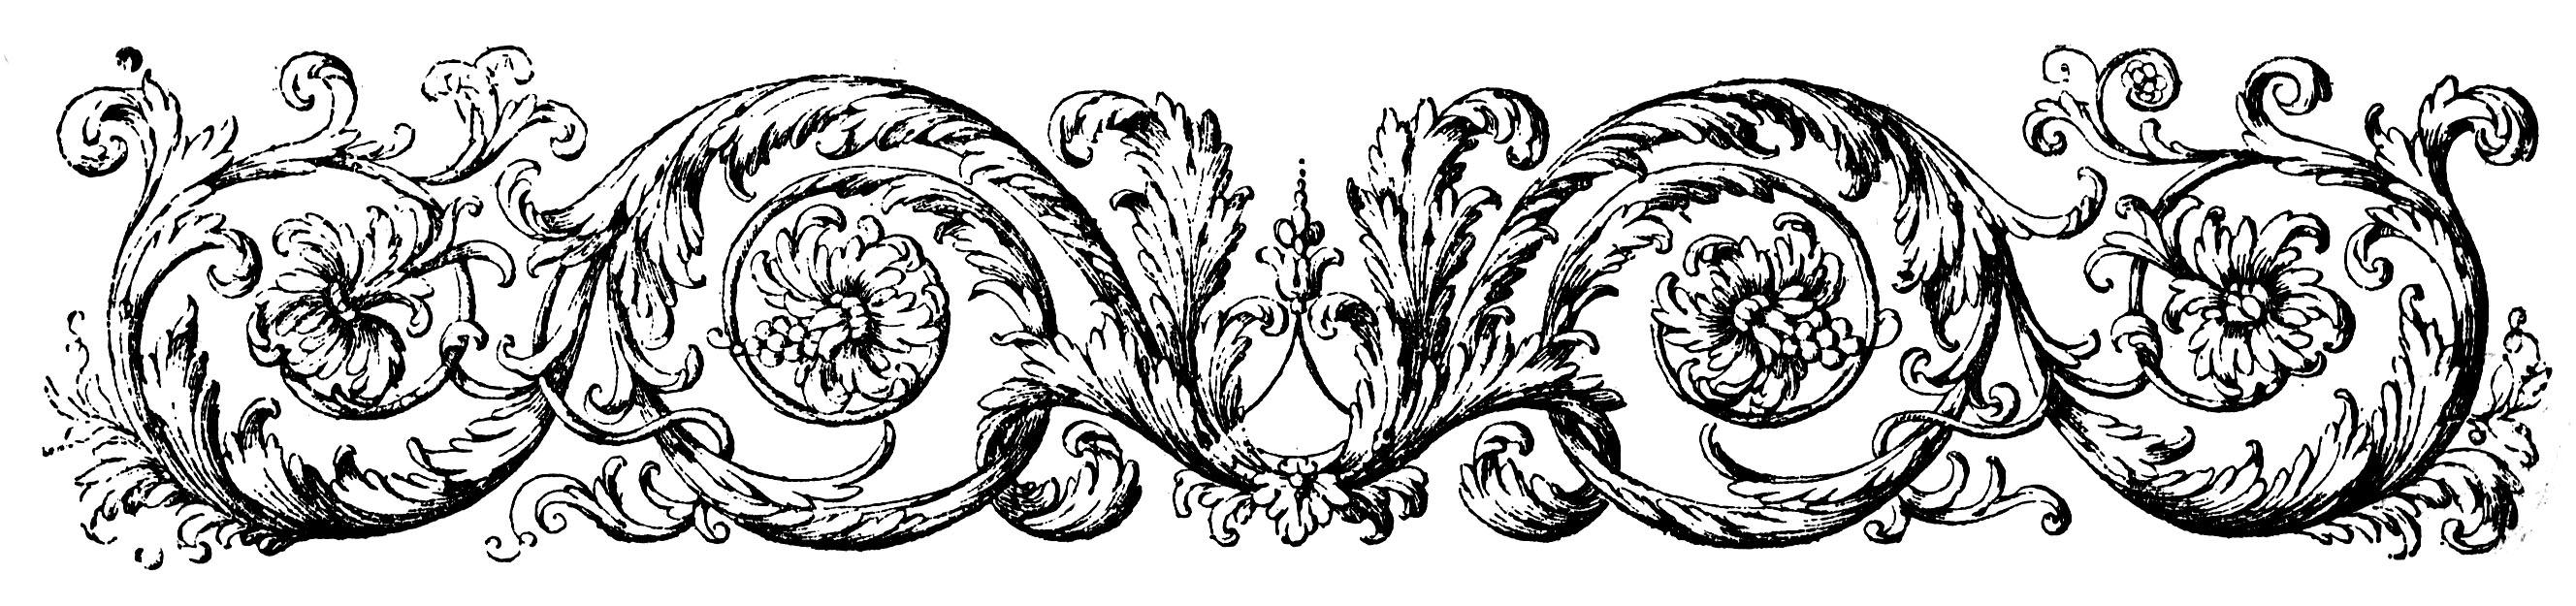 Victorian Flourish